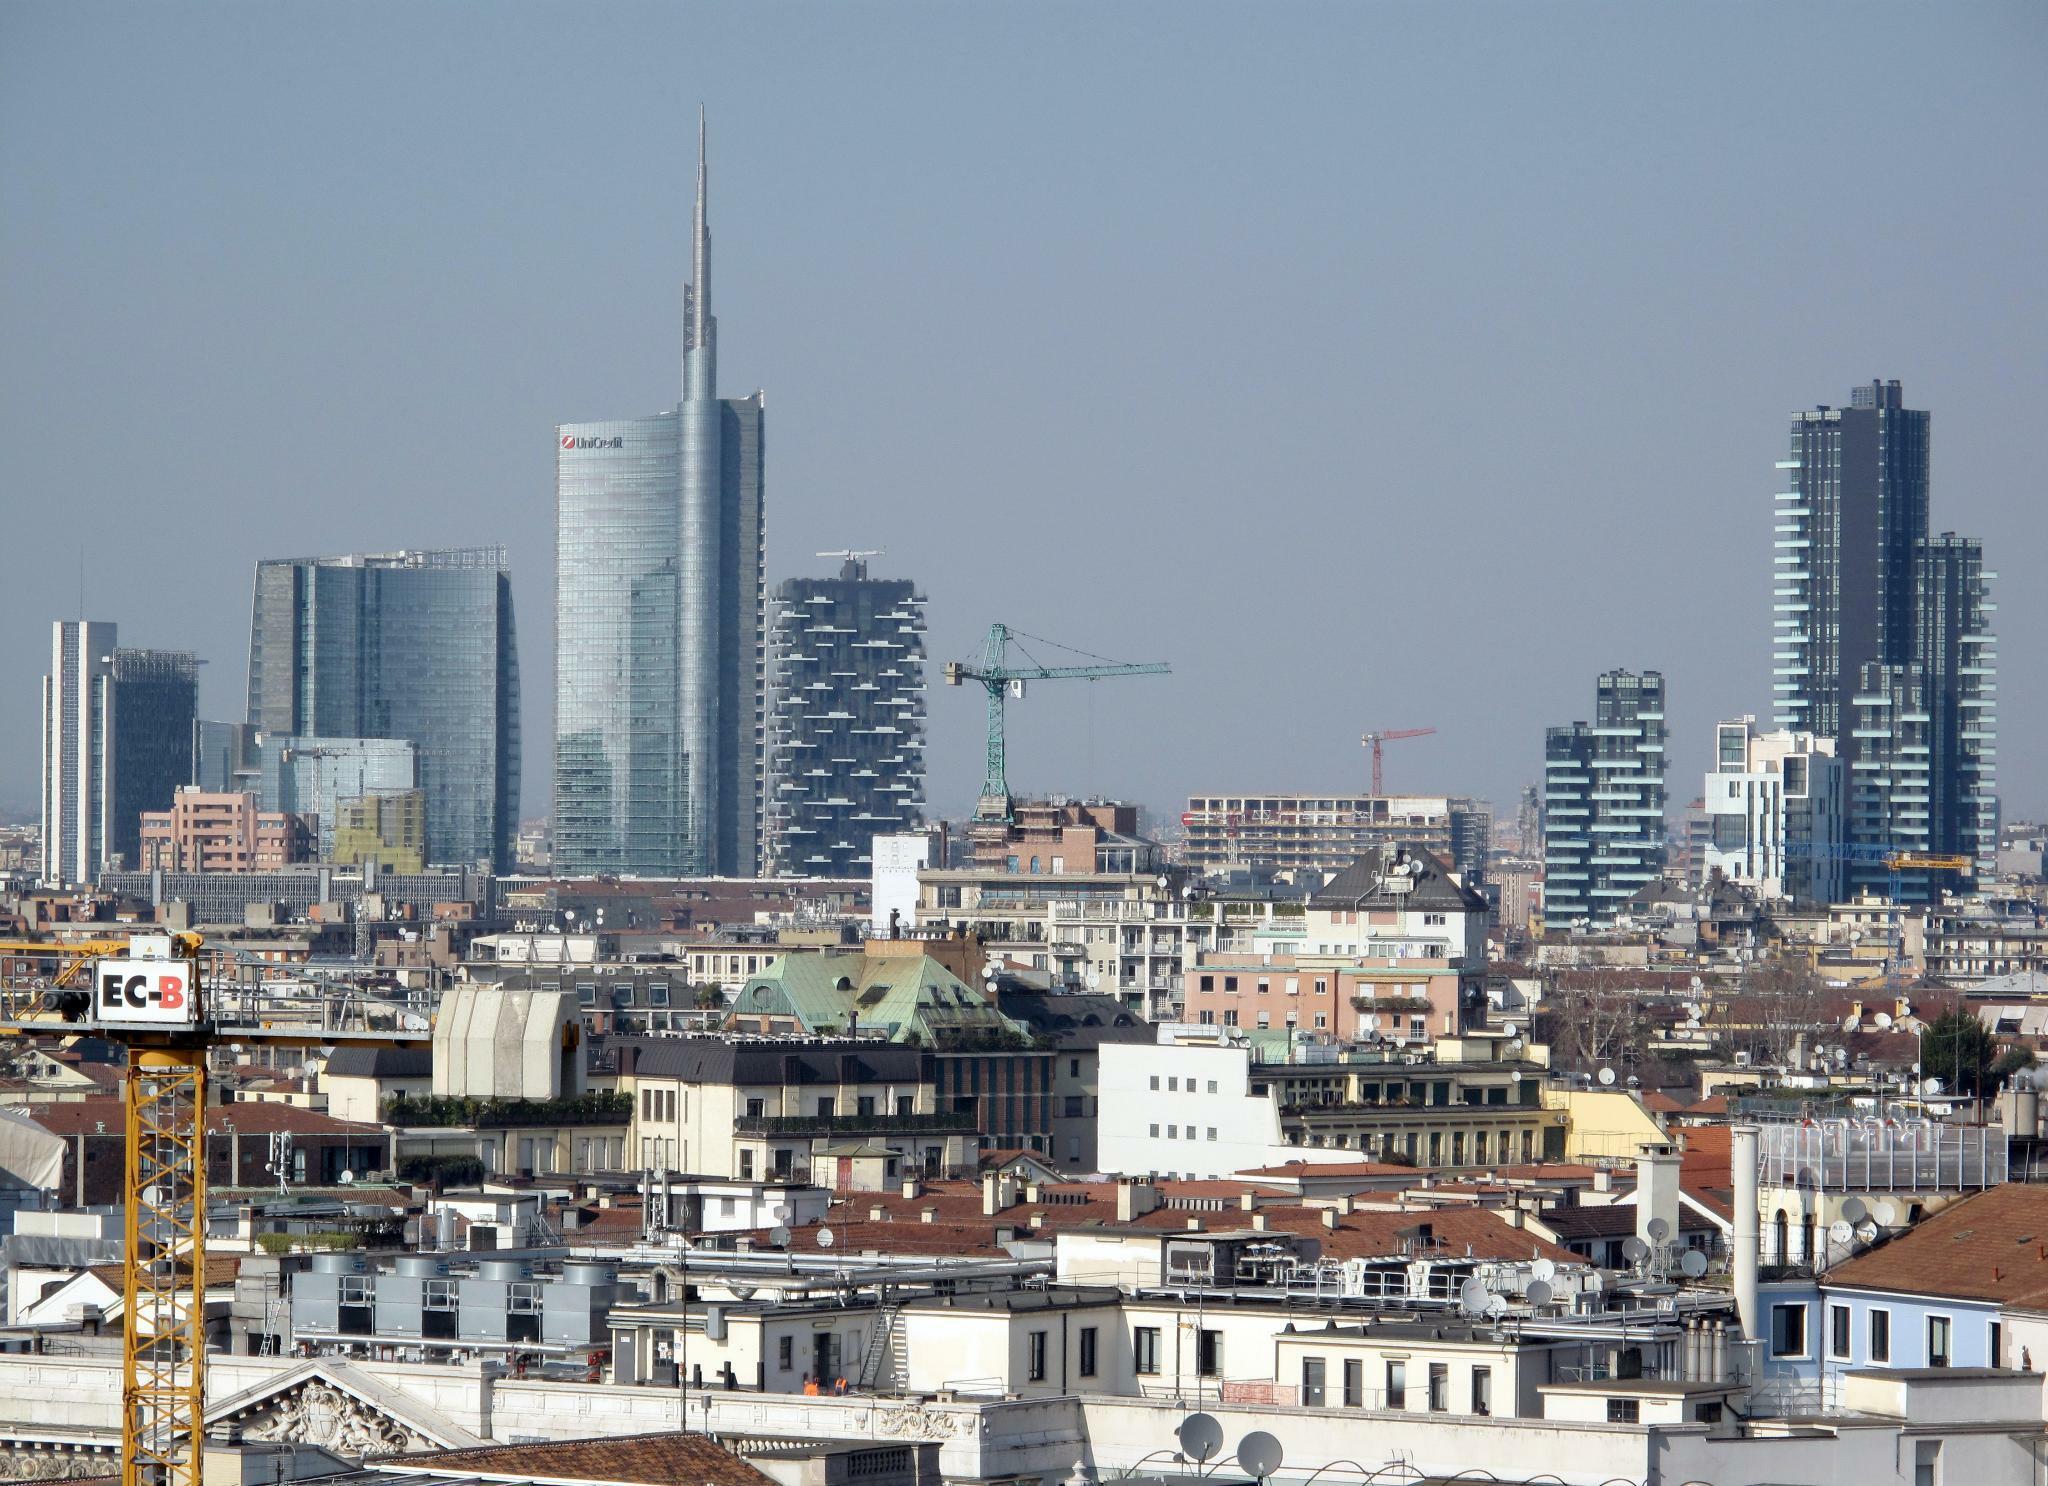 Neuverschuldung: Italien senkt Wachstumsprognosen für 2019 und 2020